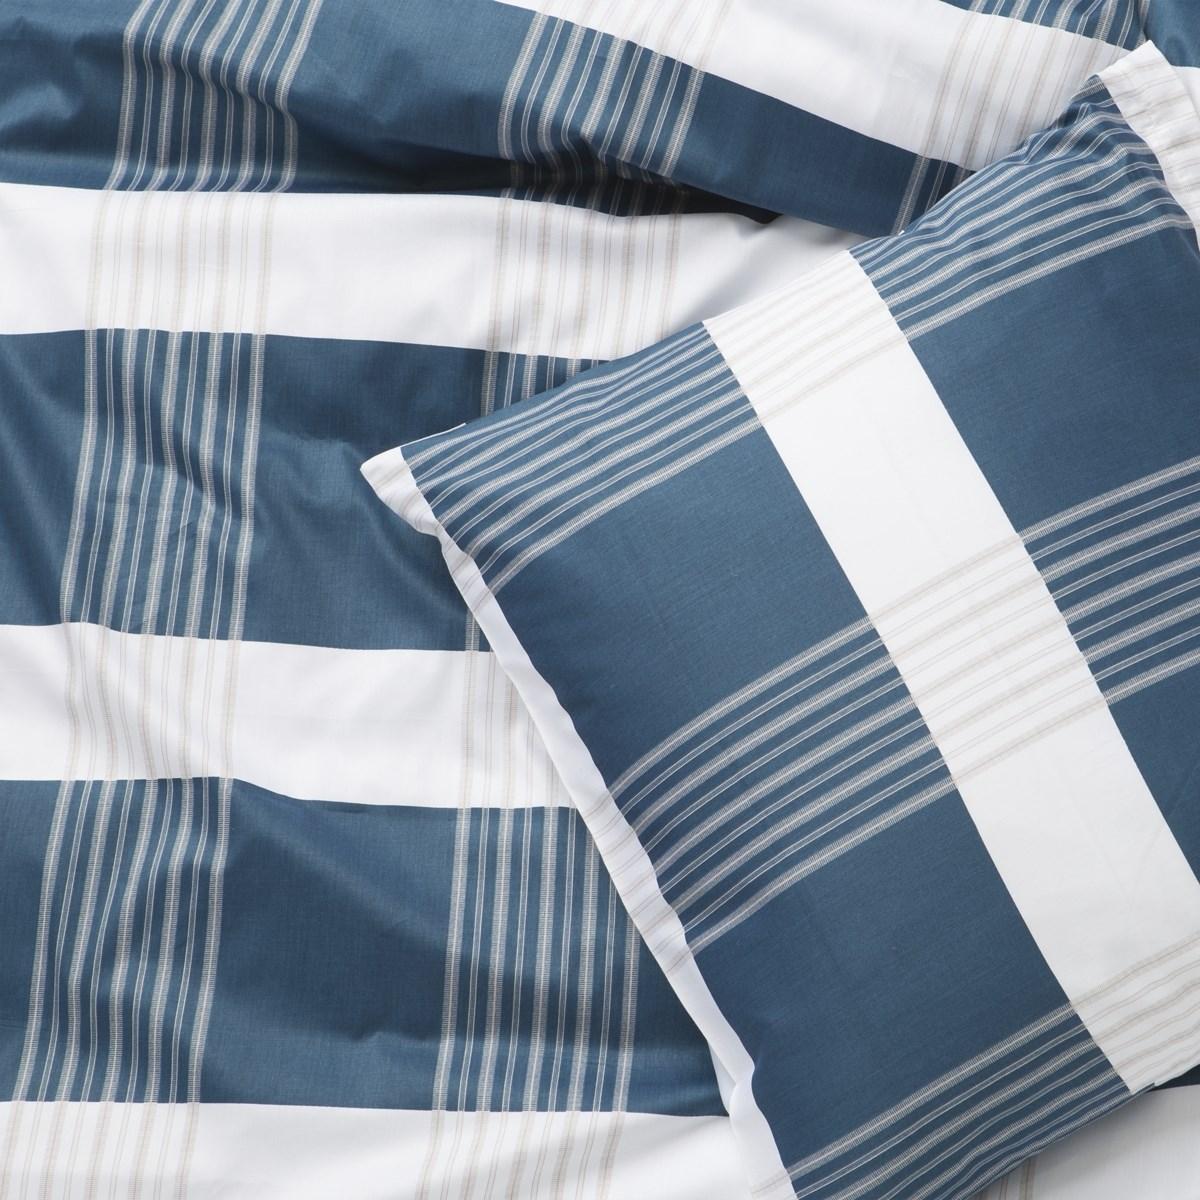 Tidssvarende Road sengetøj. Blå. 140 x 220 cm. Juna sengetøj - Skiftselv.dk EM-53